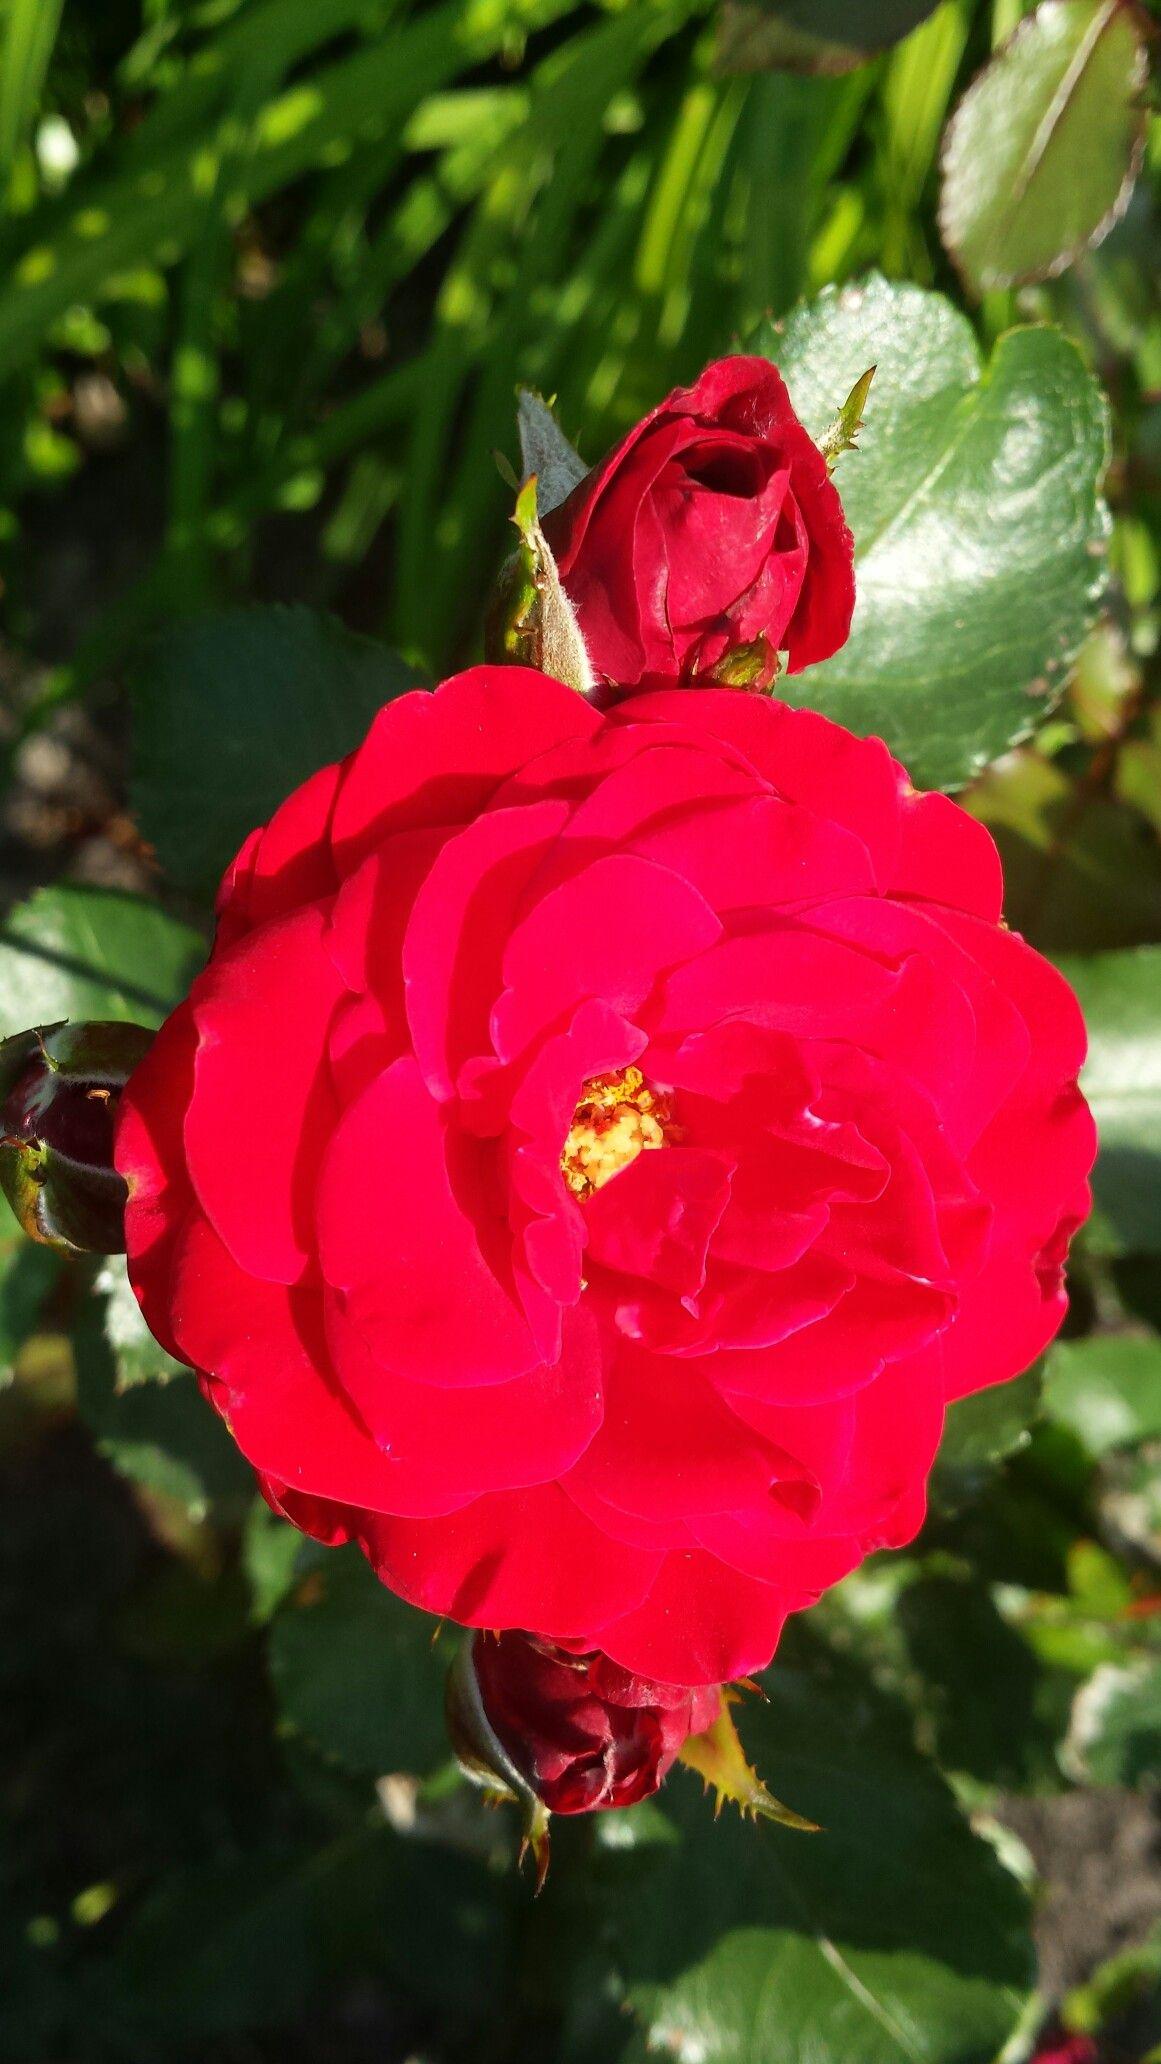 Pin By Lynne Shapiro On Flowers Wonderful Flowers Beautiful Flowers Pretty Flowers